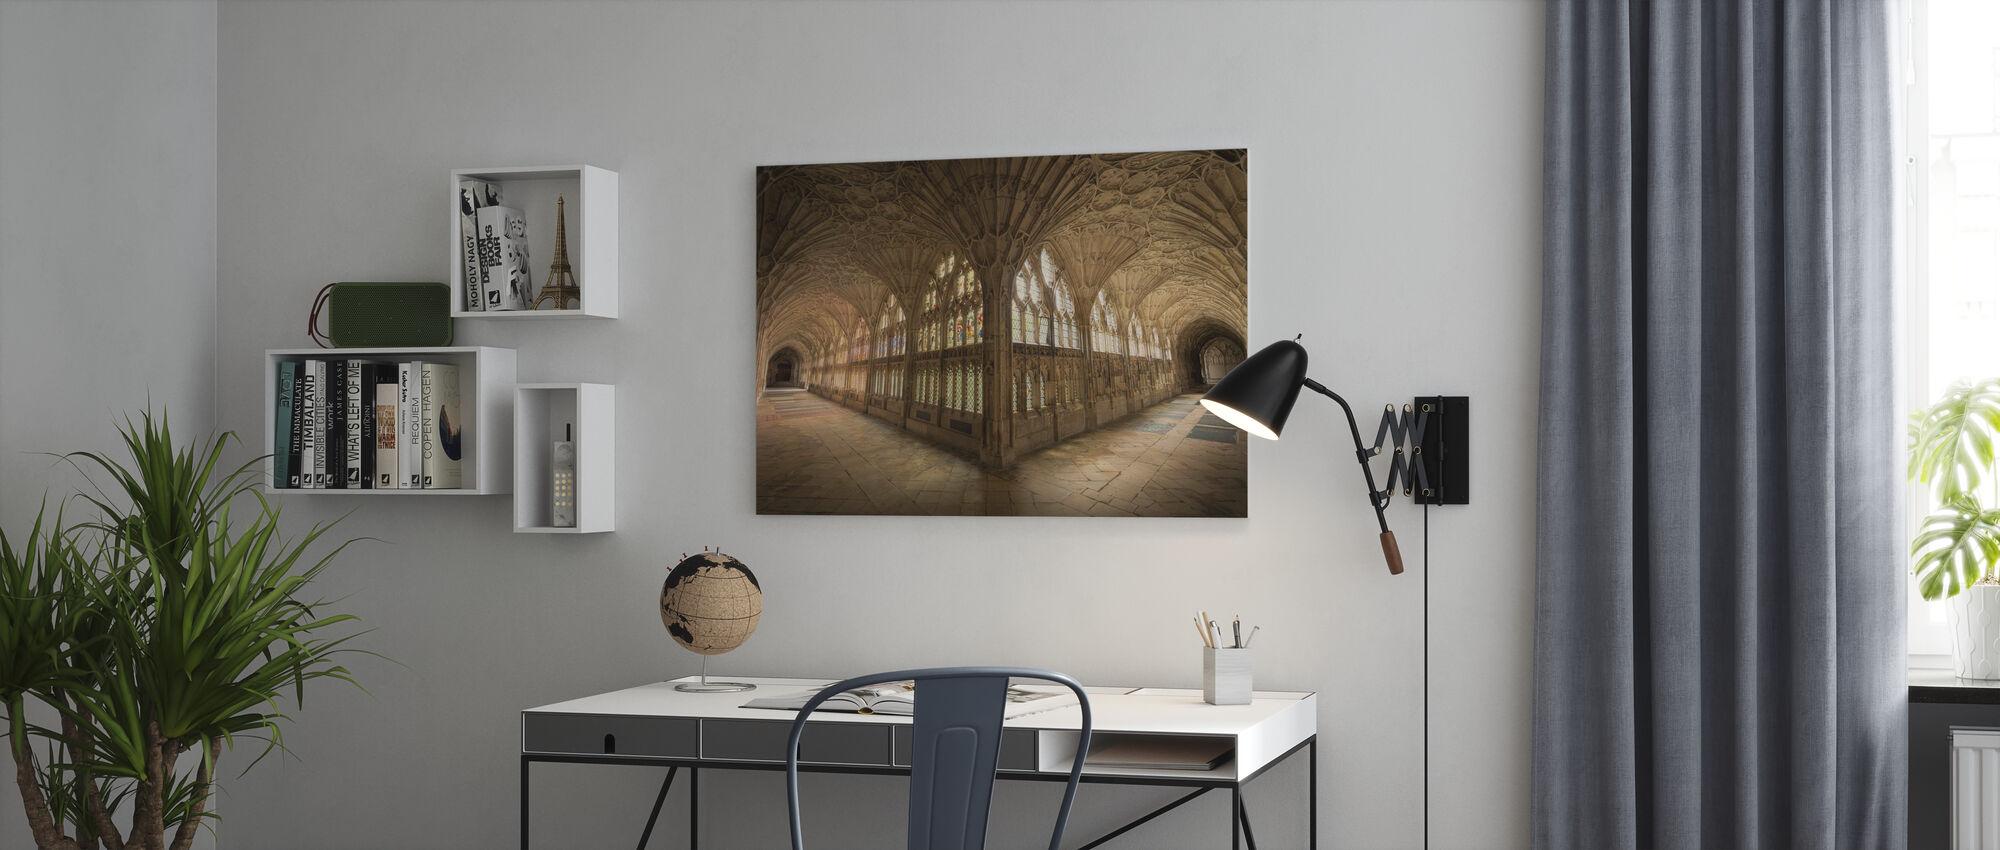 Klosteret - Lerretsbilde - Kontor